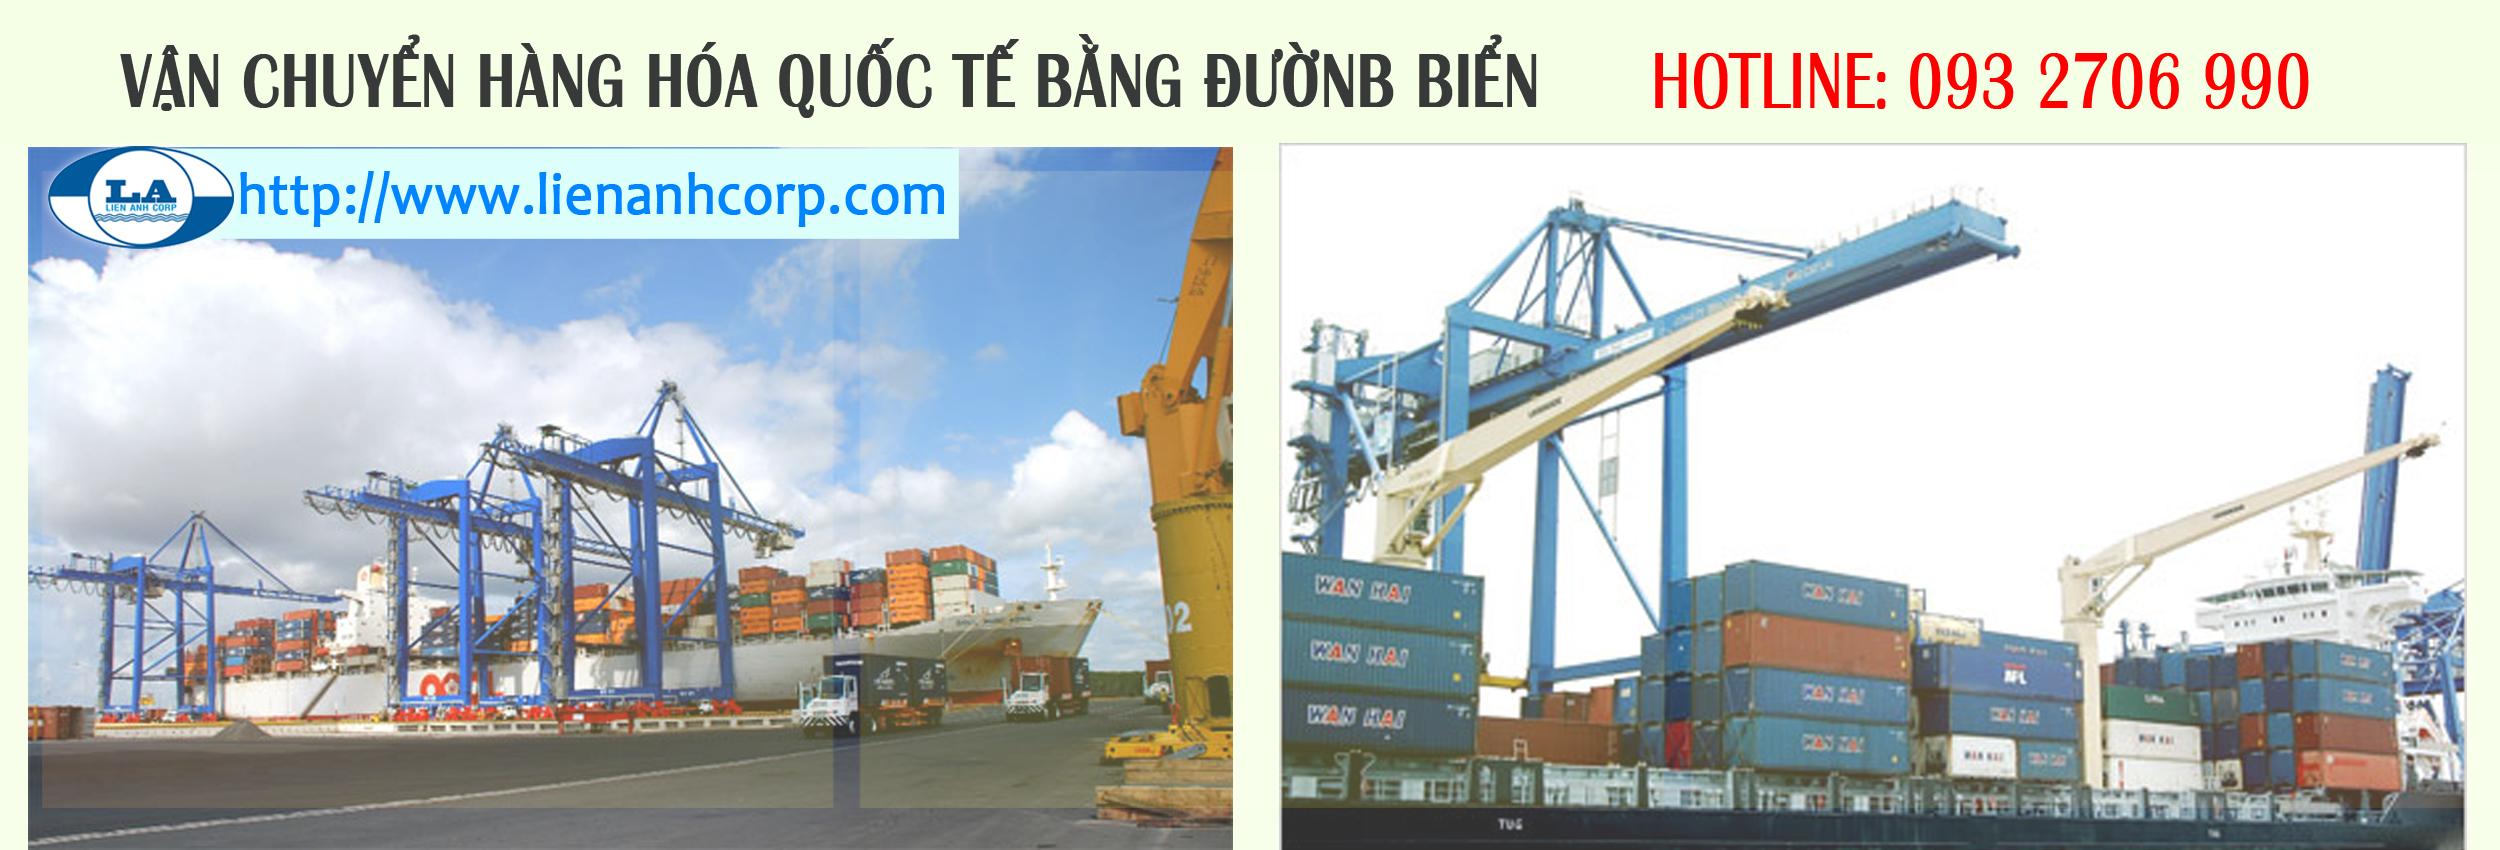 [Hình: van-chuyen-hang-hoa-quoc-te-bang-duong-b...luong1.png]